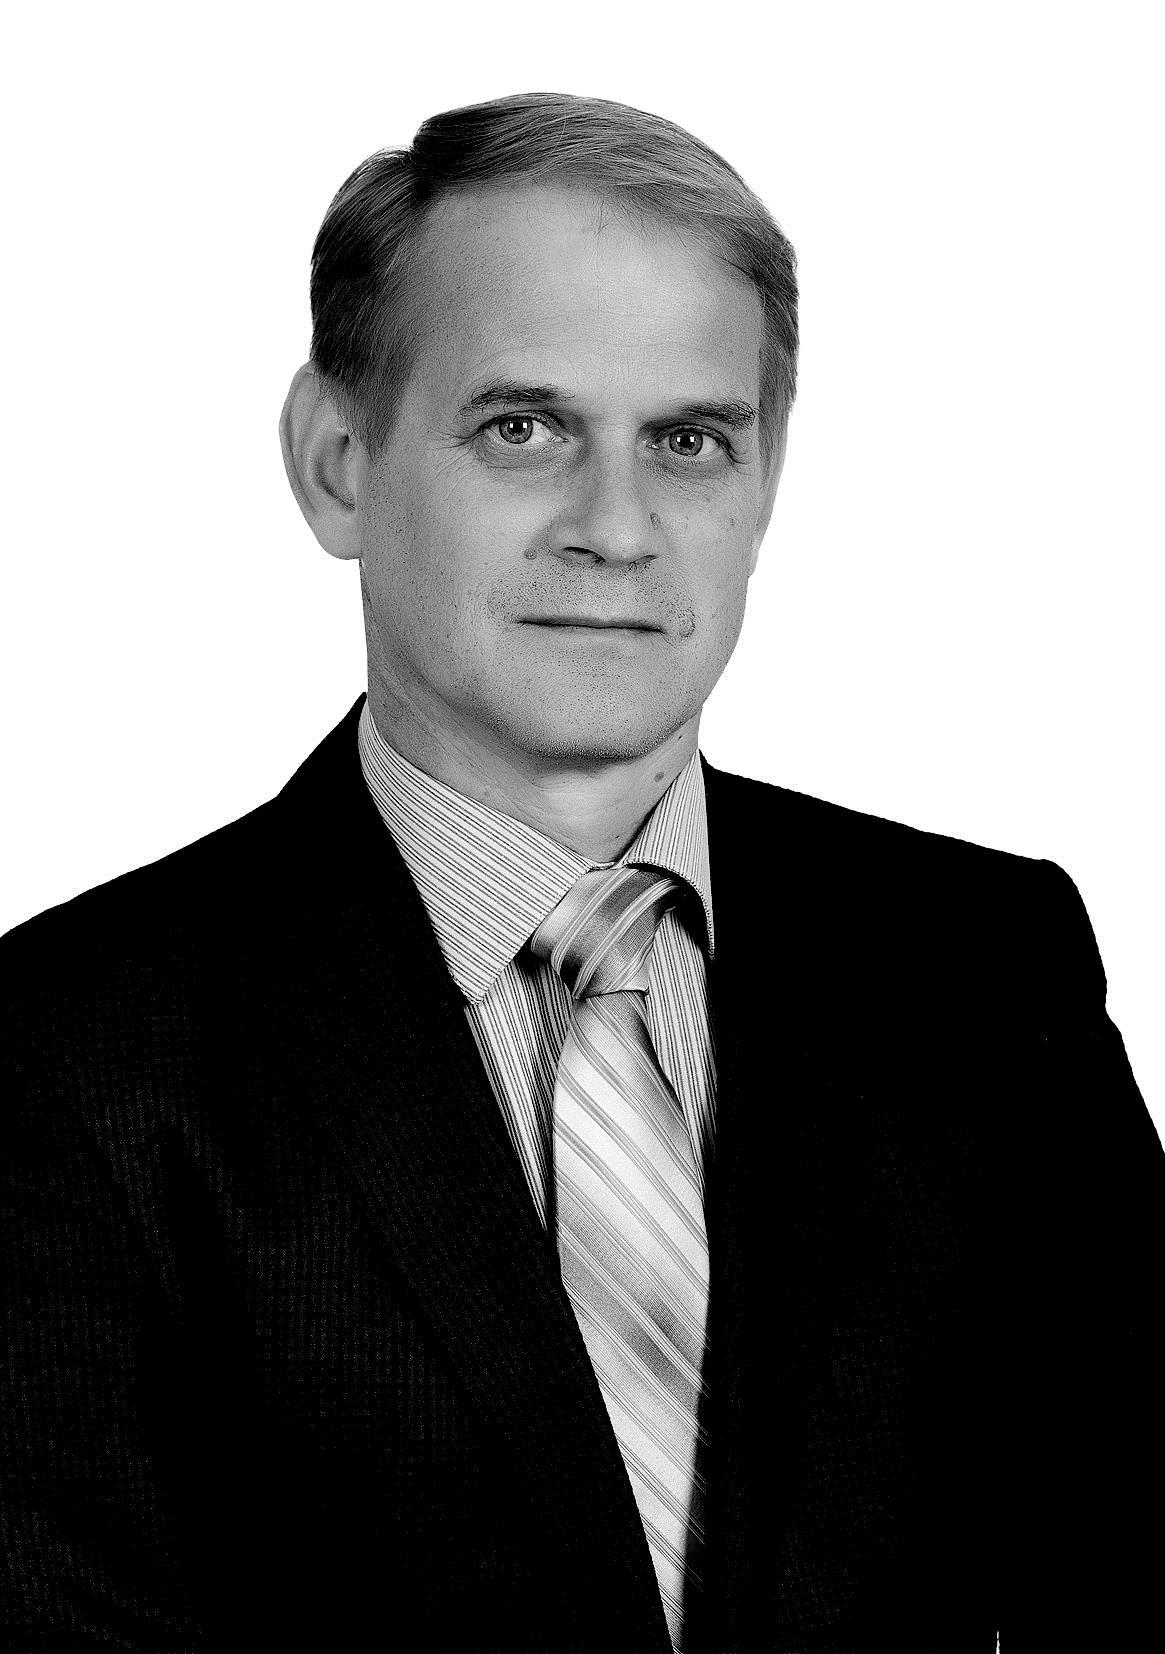 Ройман Константин Владимирович